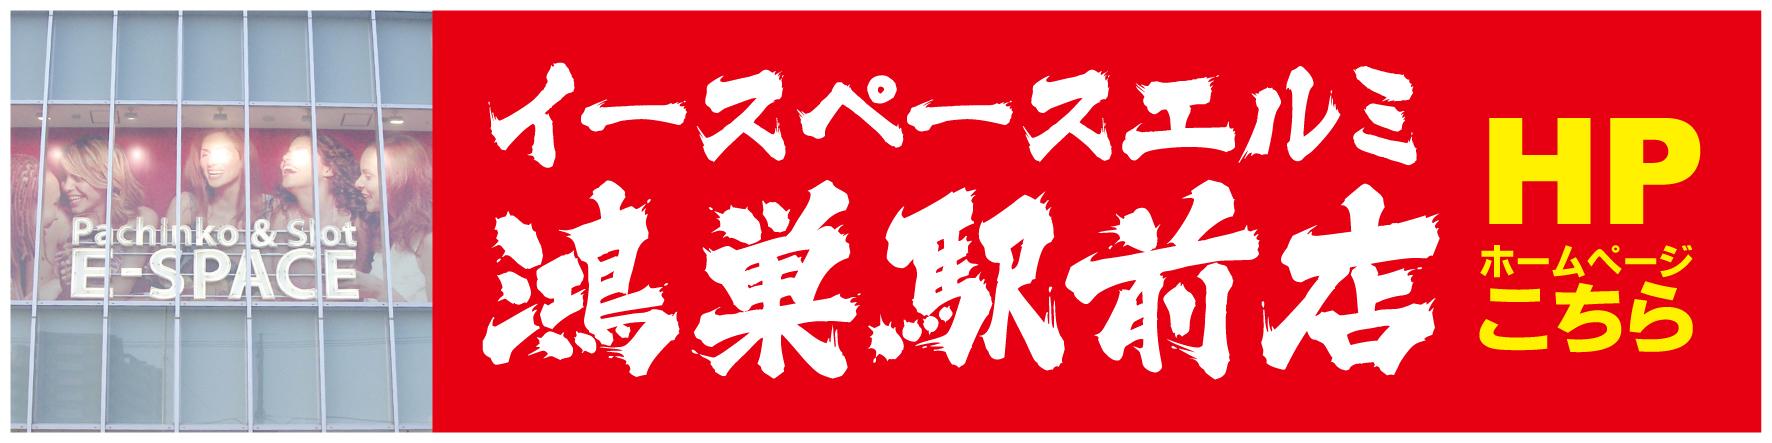 鴻巣店HP